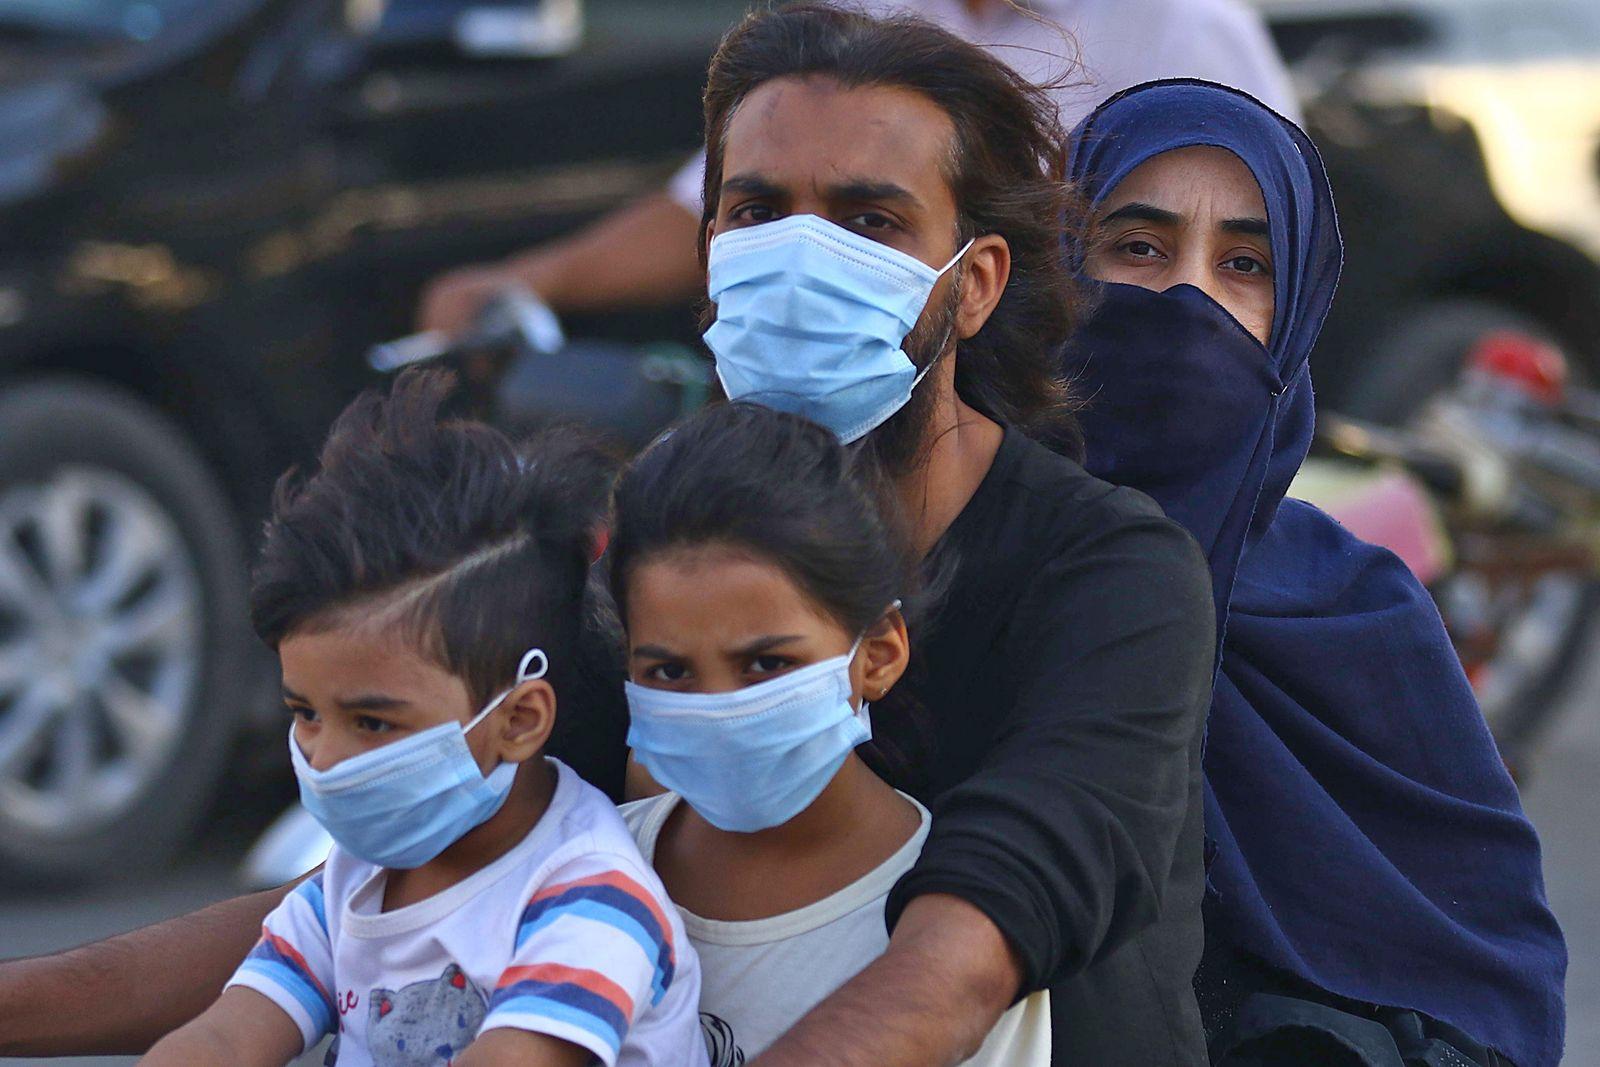 Coronavirus outbreak in Pakistan, Karachi - 13 Oct 2020